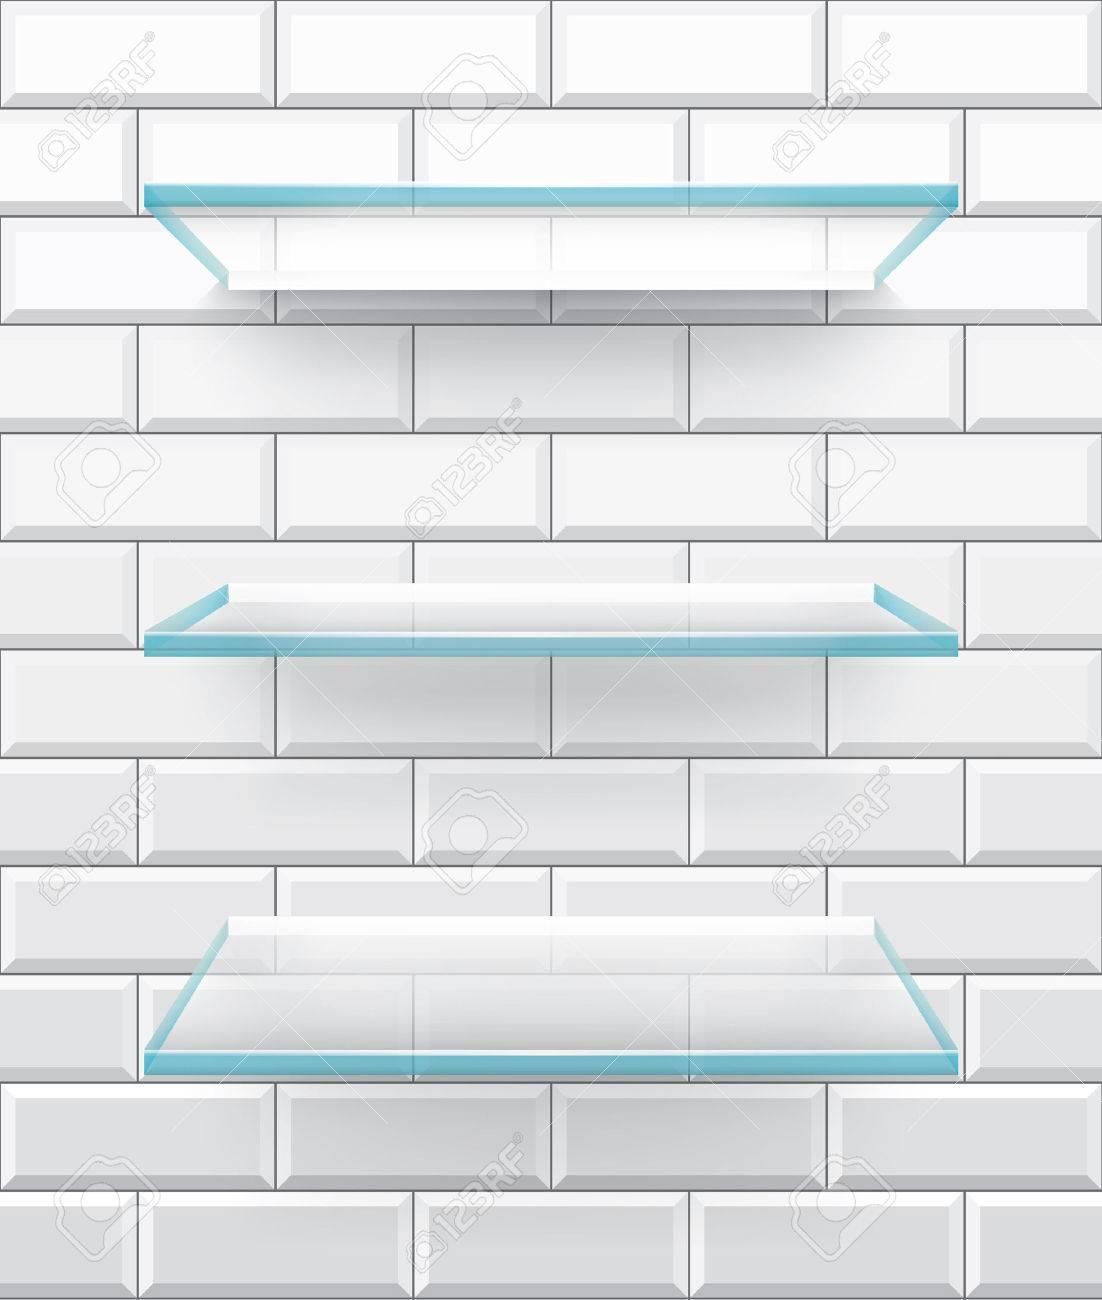 Bathroom glass shelves on white brick tiles background